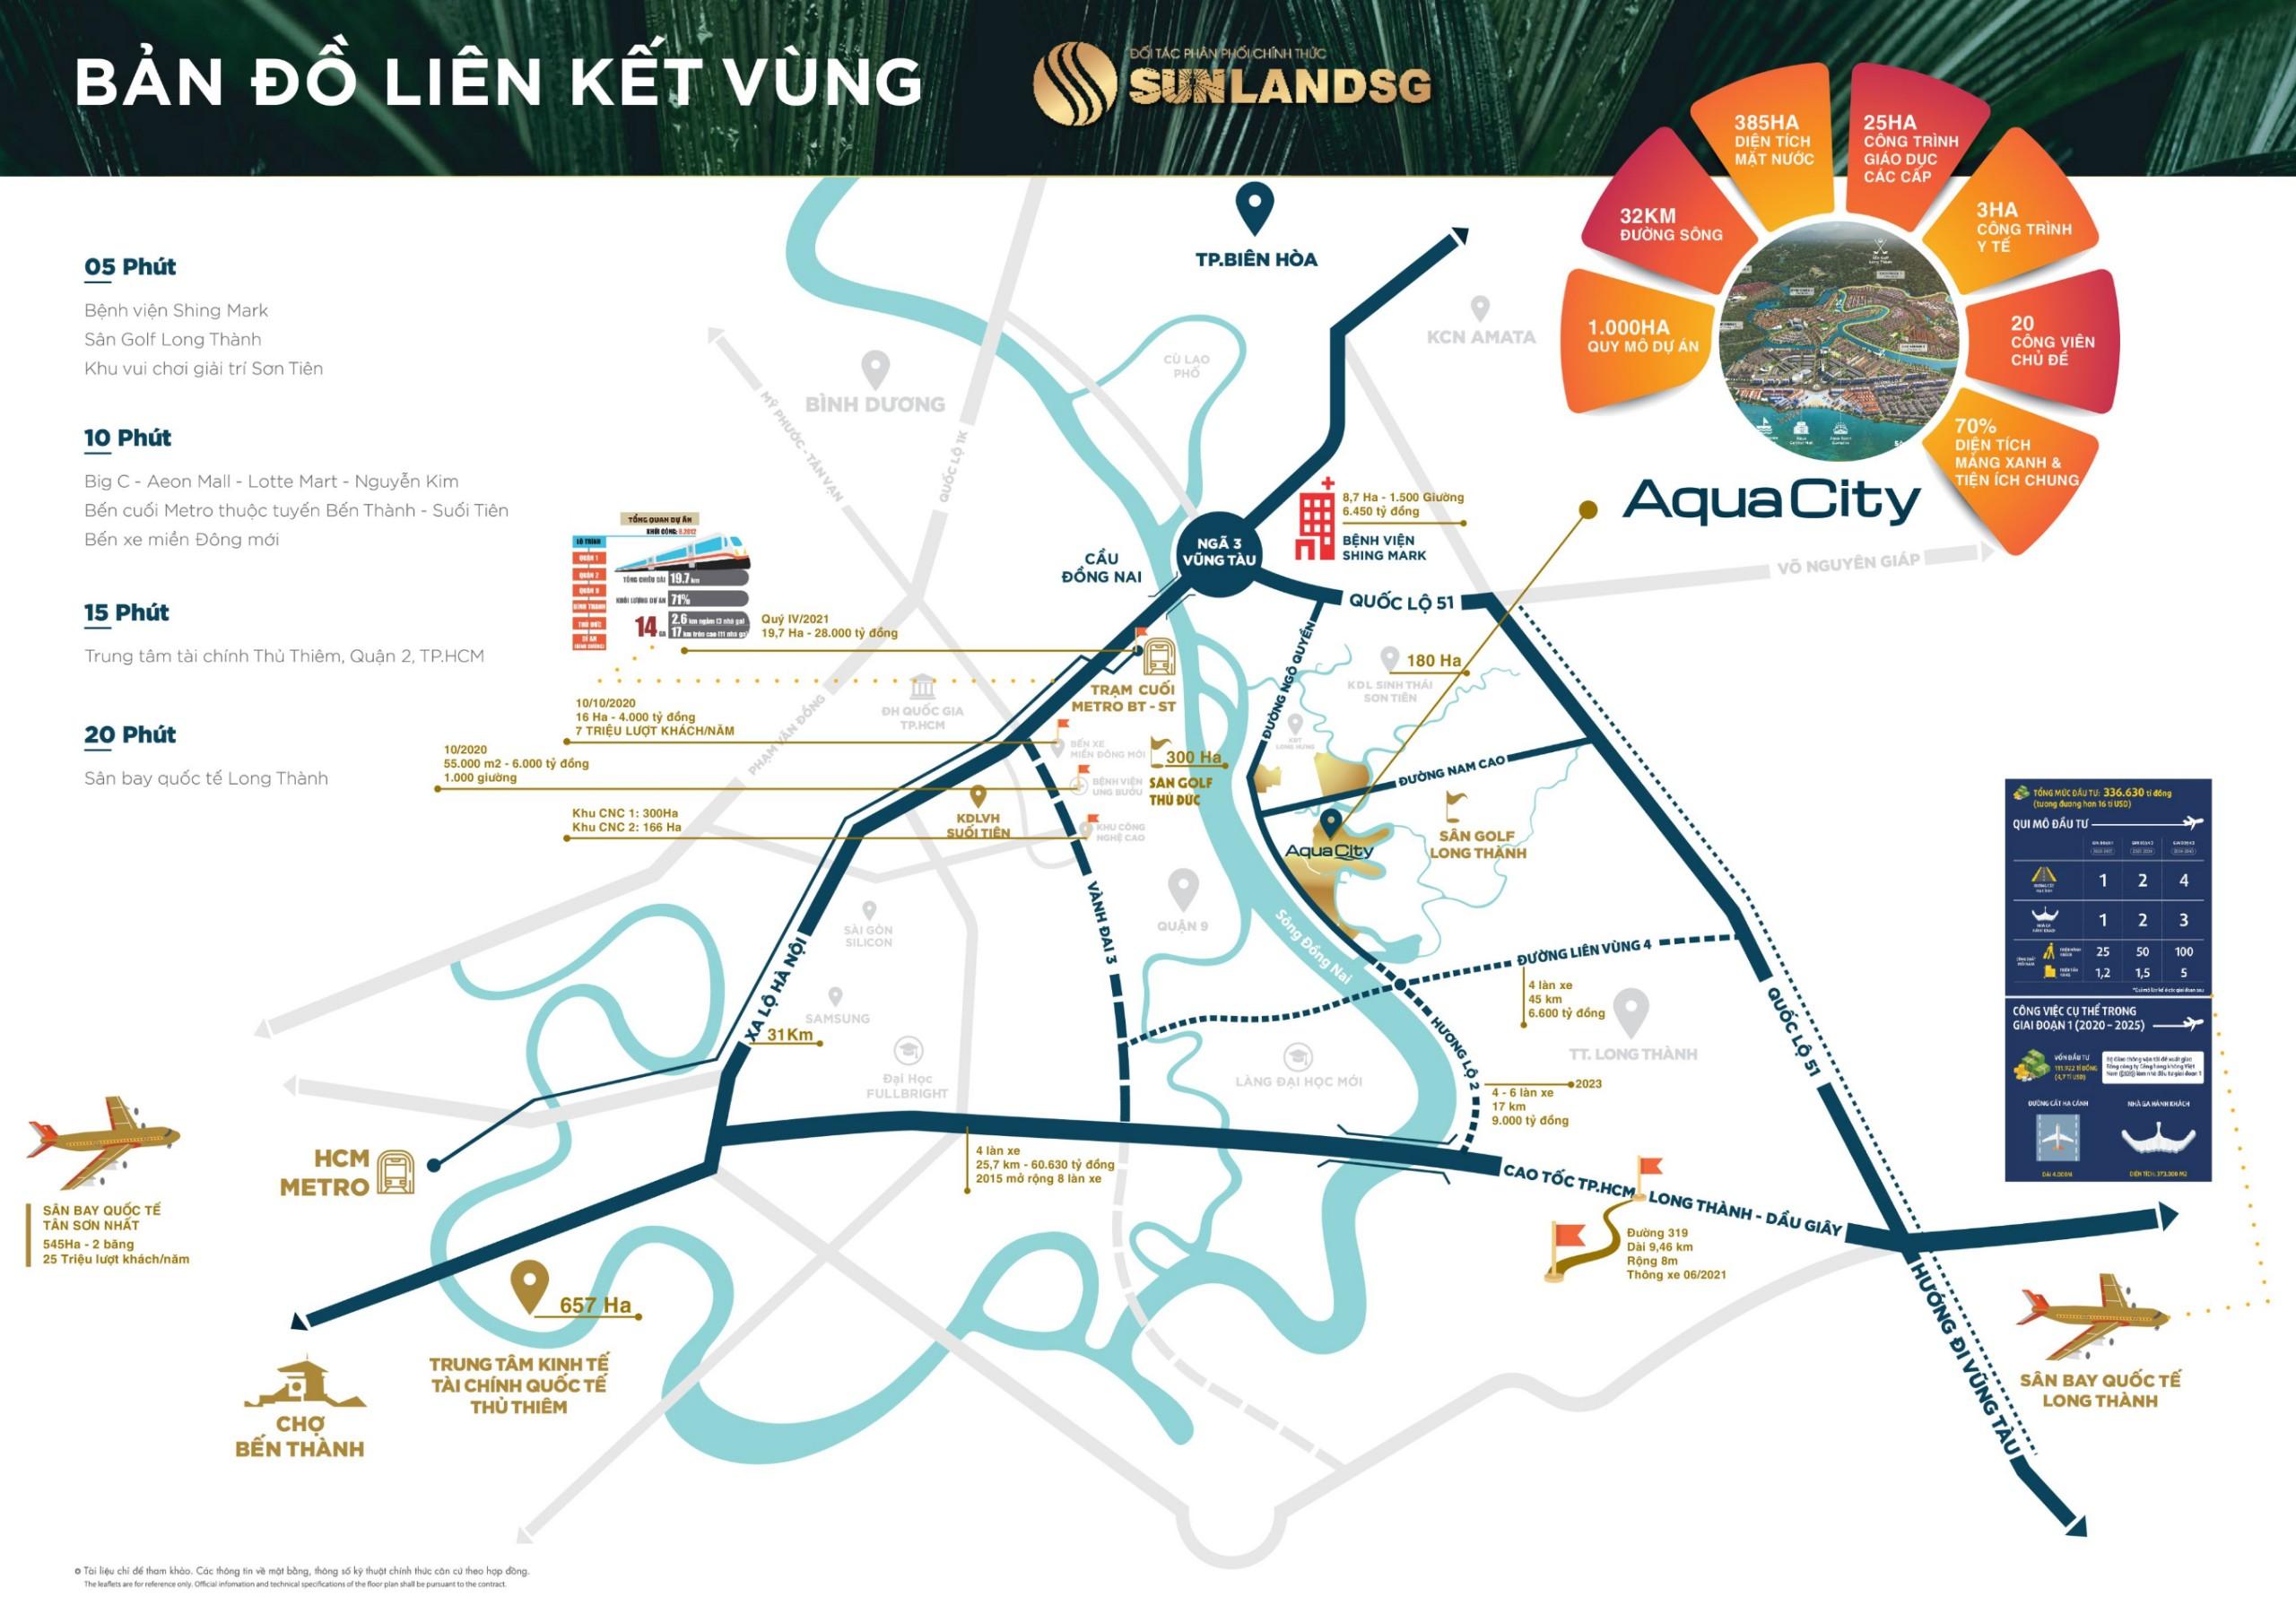 Vị trí Liên kết vùng tiềm năng gia tăng giá trị vượt trội tại Aquacity Đồng Nai